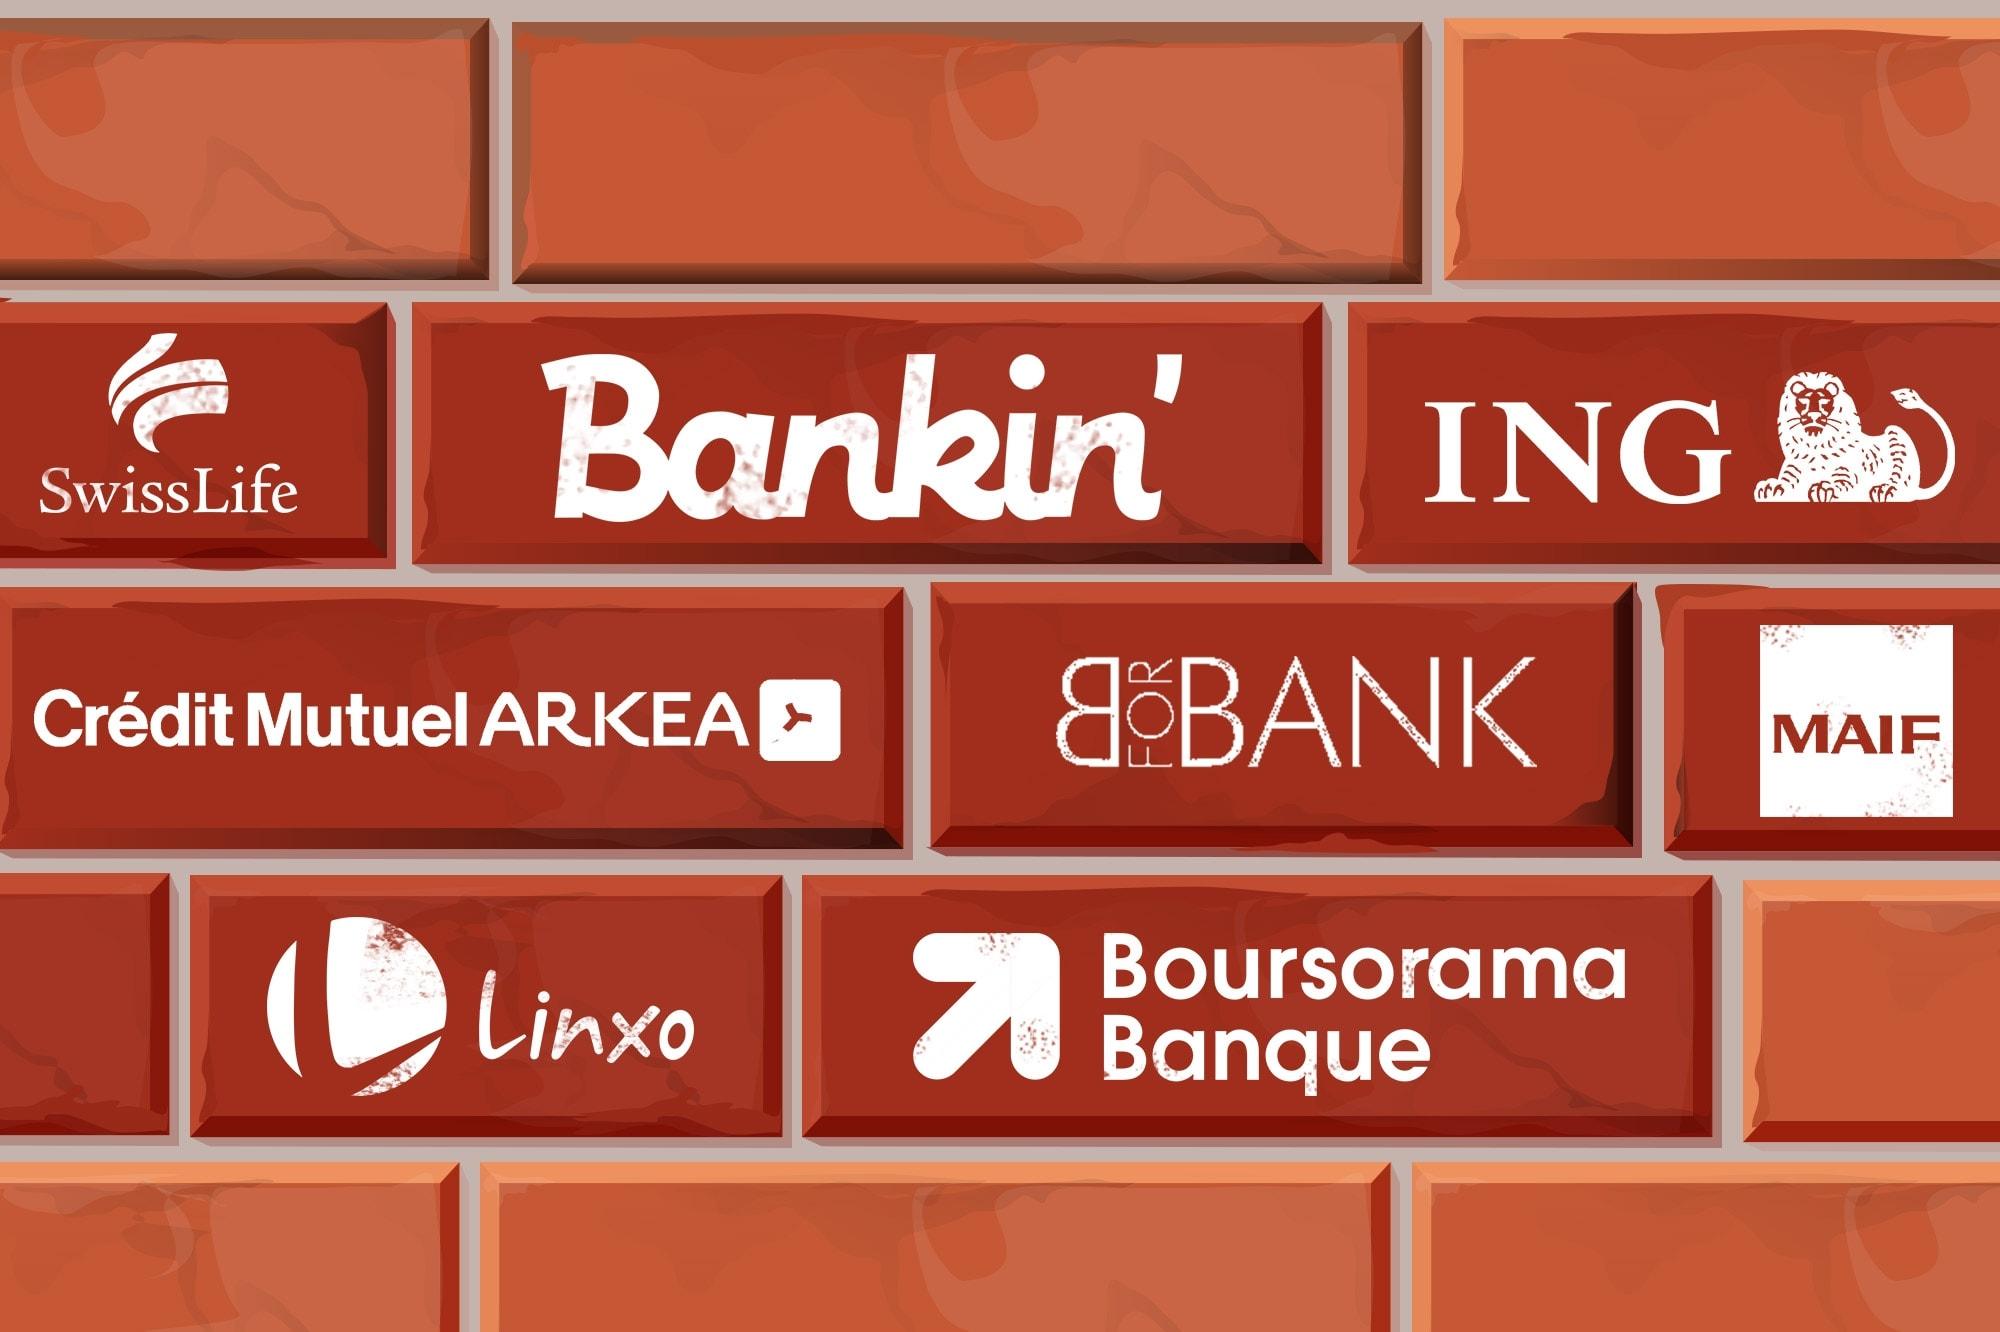 les agrégateurs de comptes bancaires